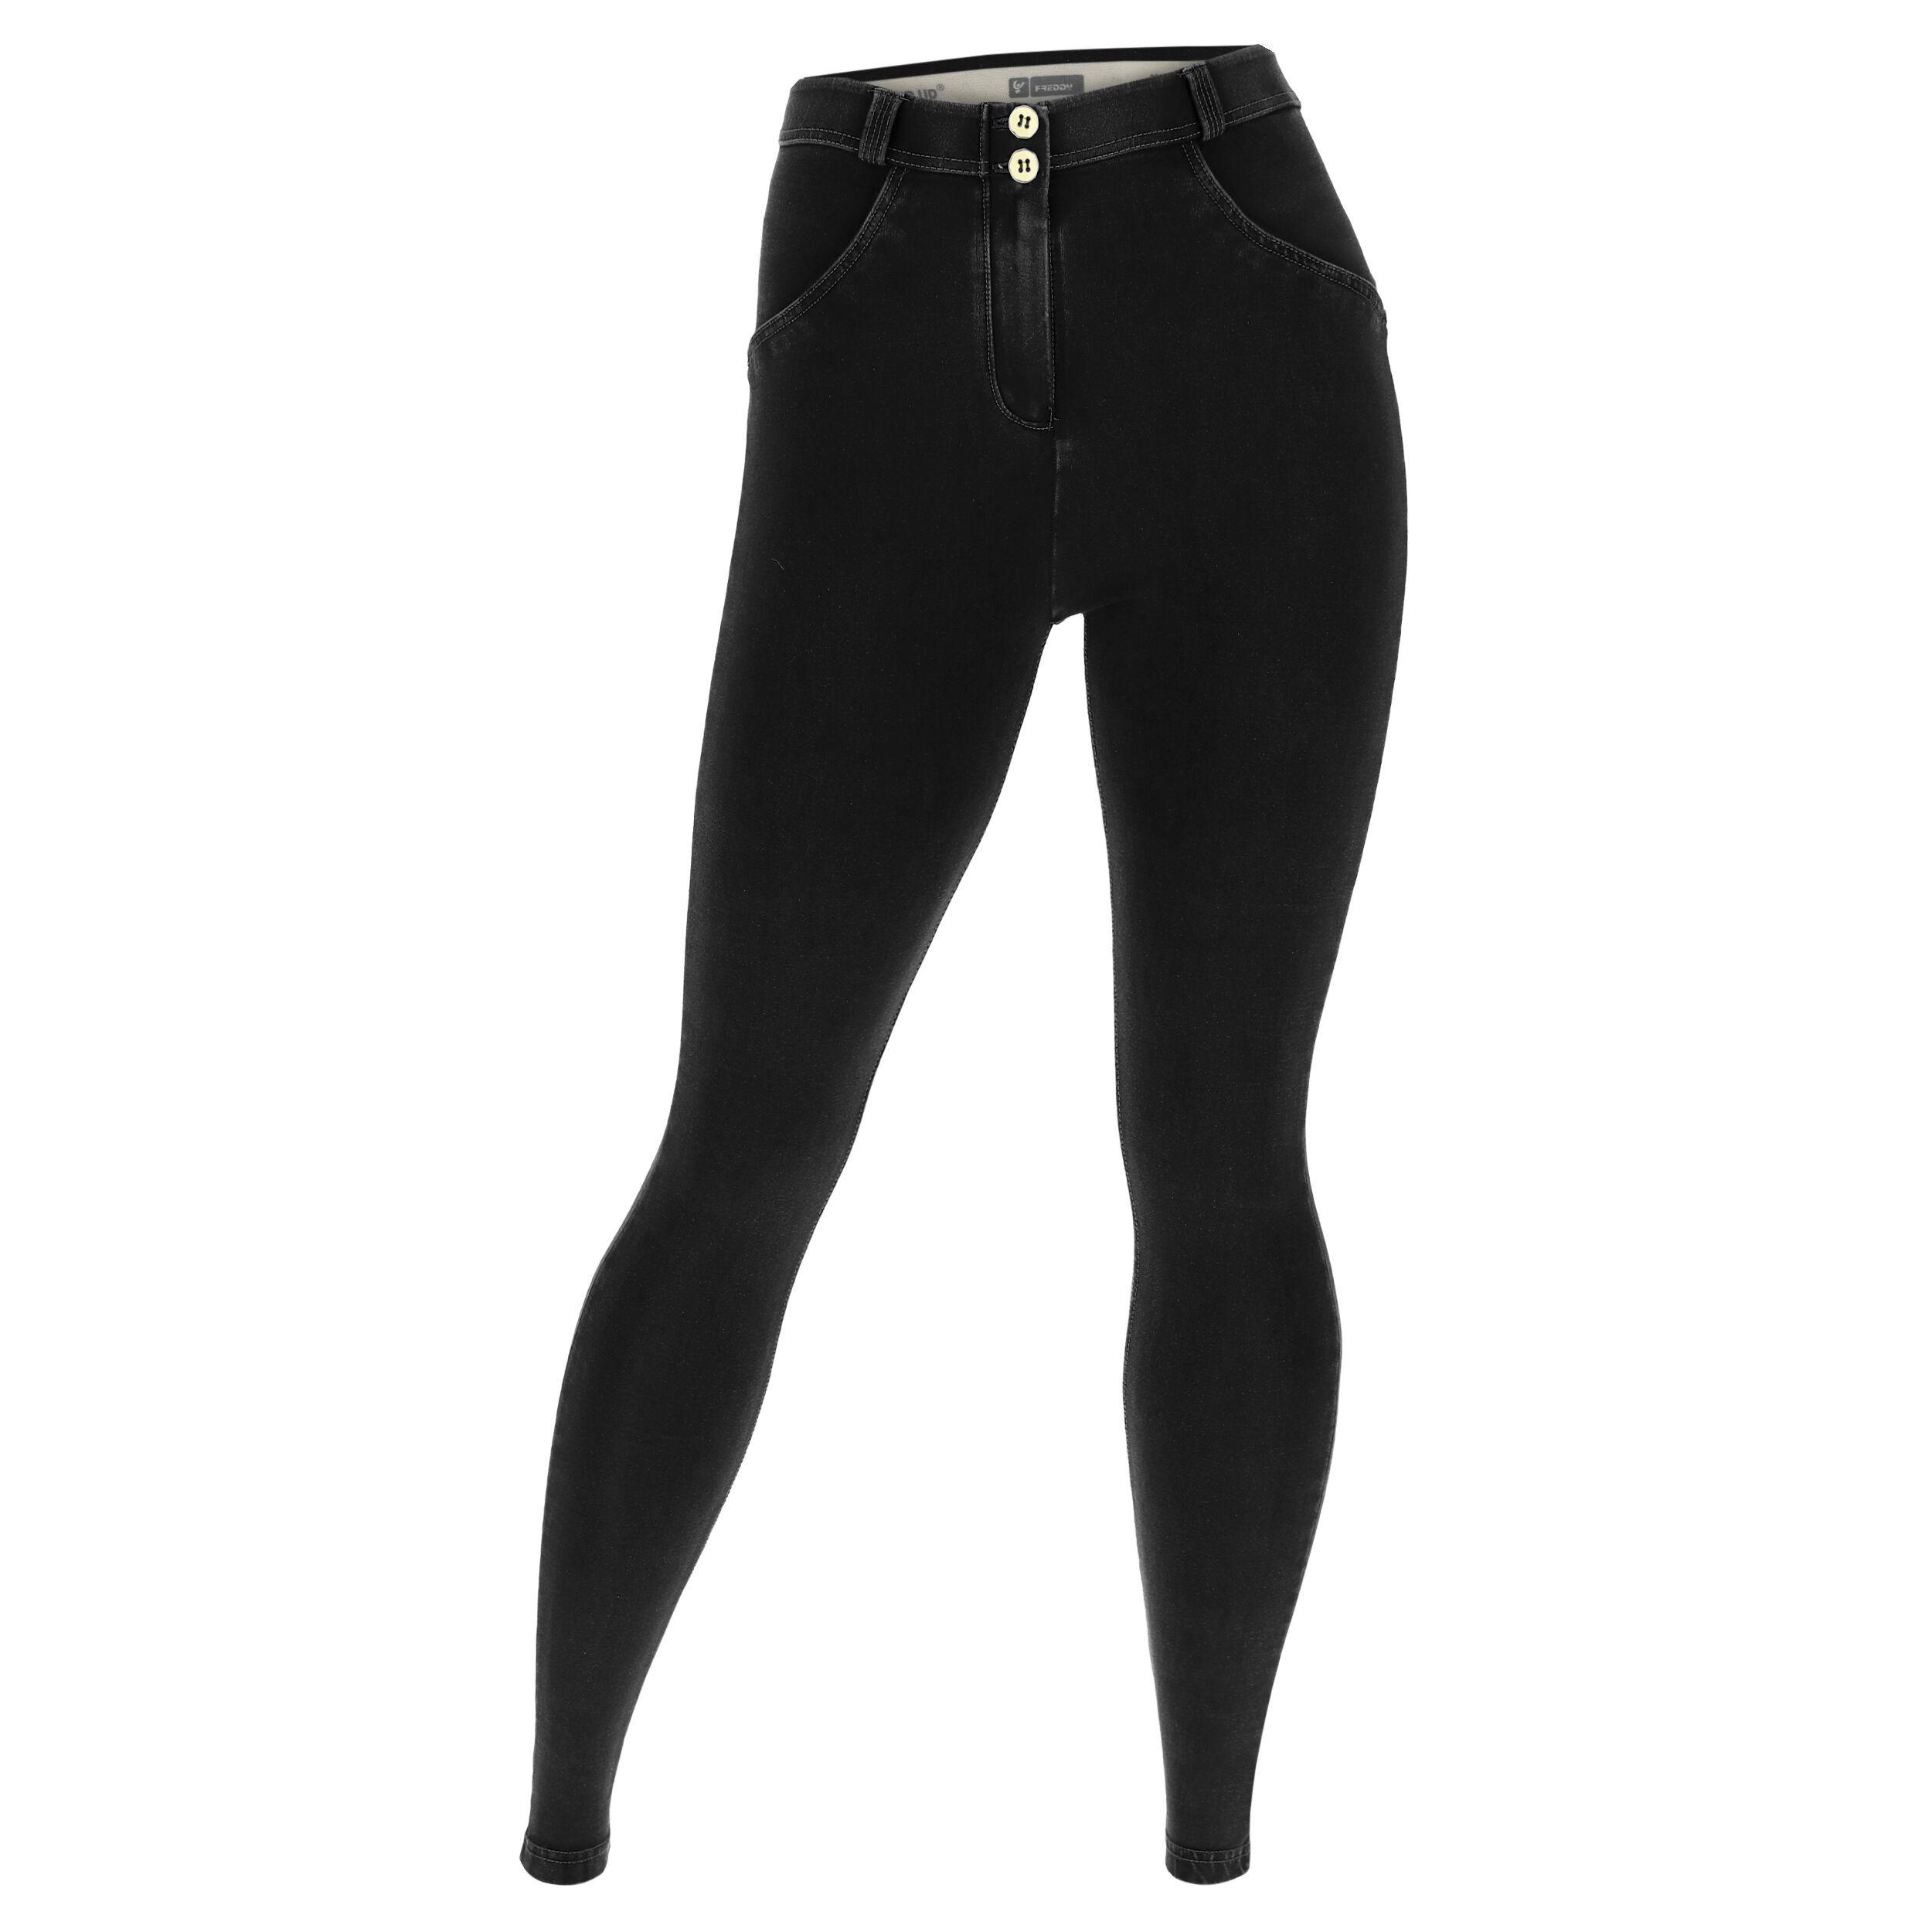 Freddy Jeggins push up WR.UP® vestibilità curvy denim scuro Jeans Nero-Cuciture In Tono